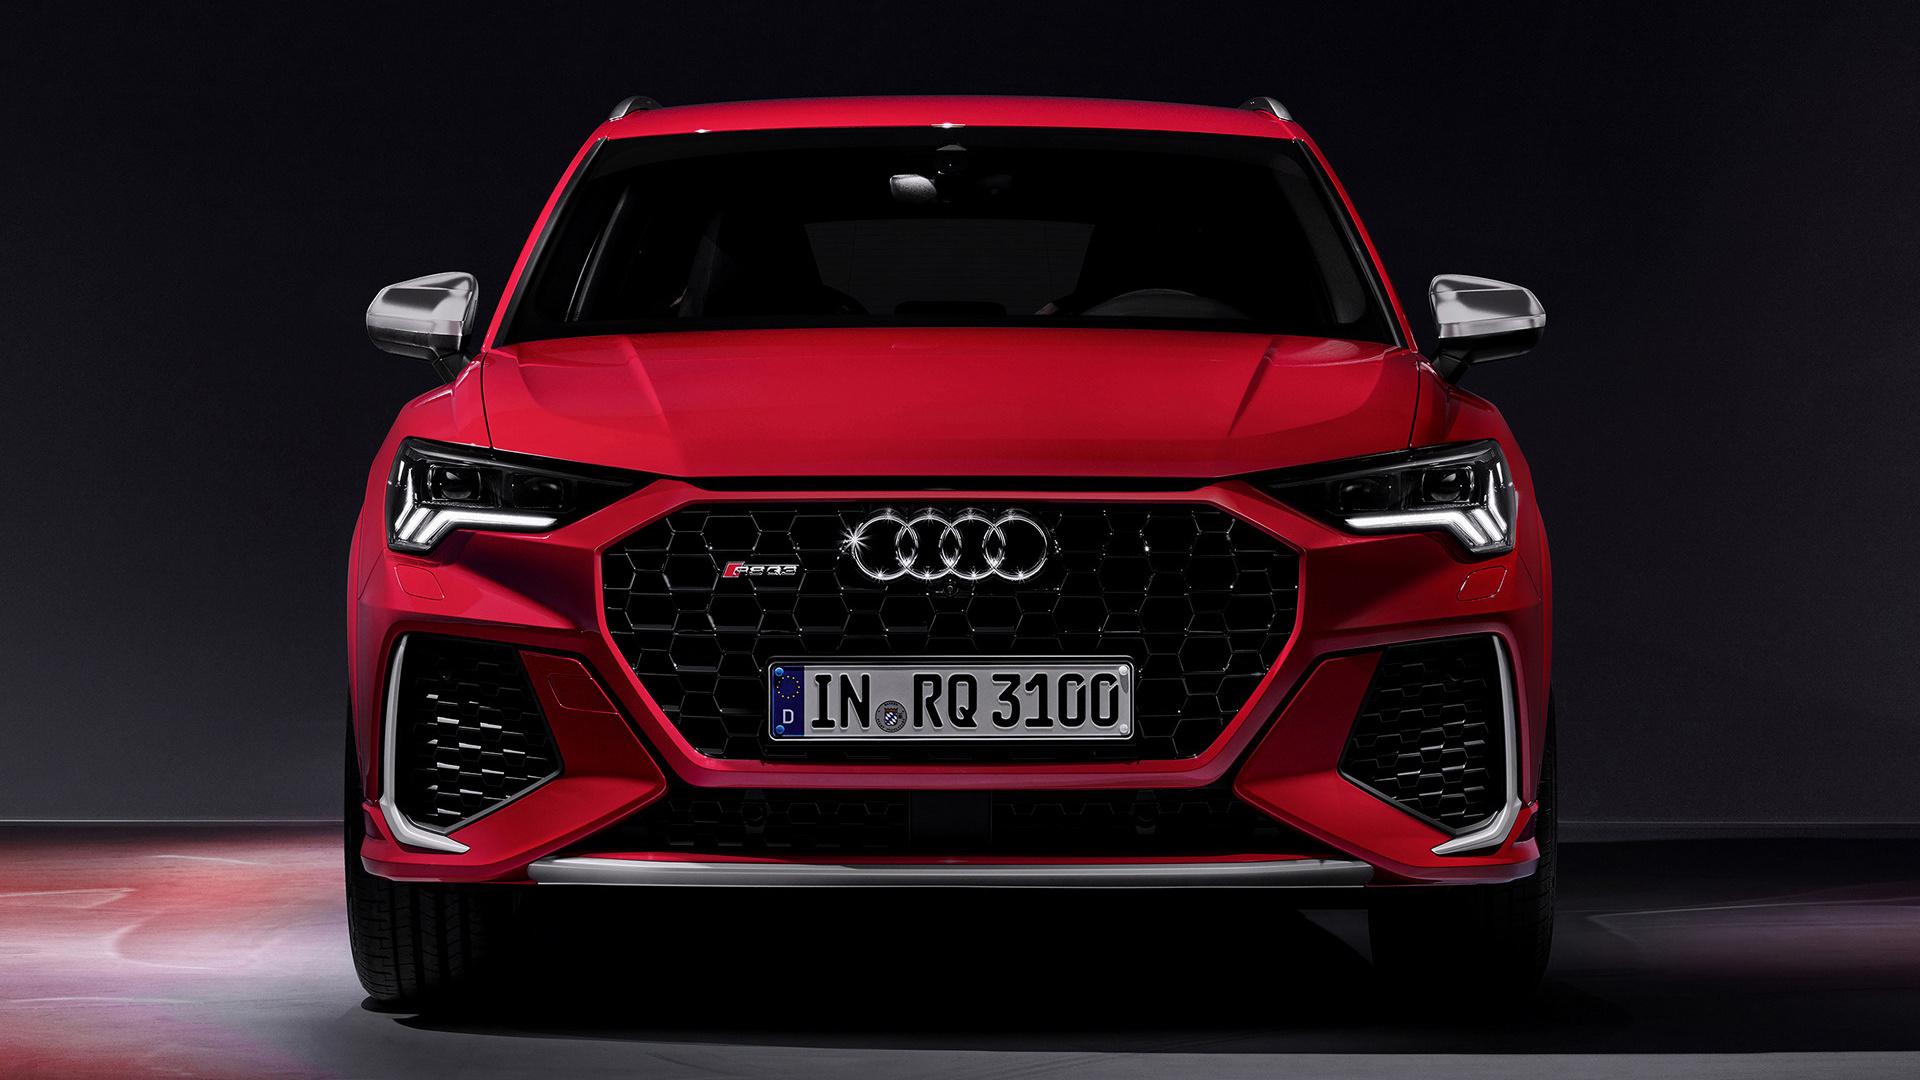 2019 Audi Rs Q3 Fondos De Pantalla E Imágenes En Hd Car